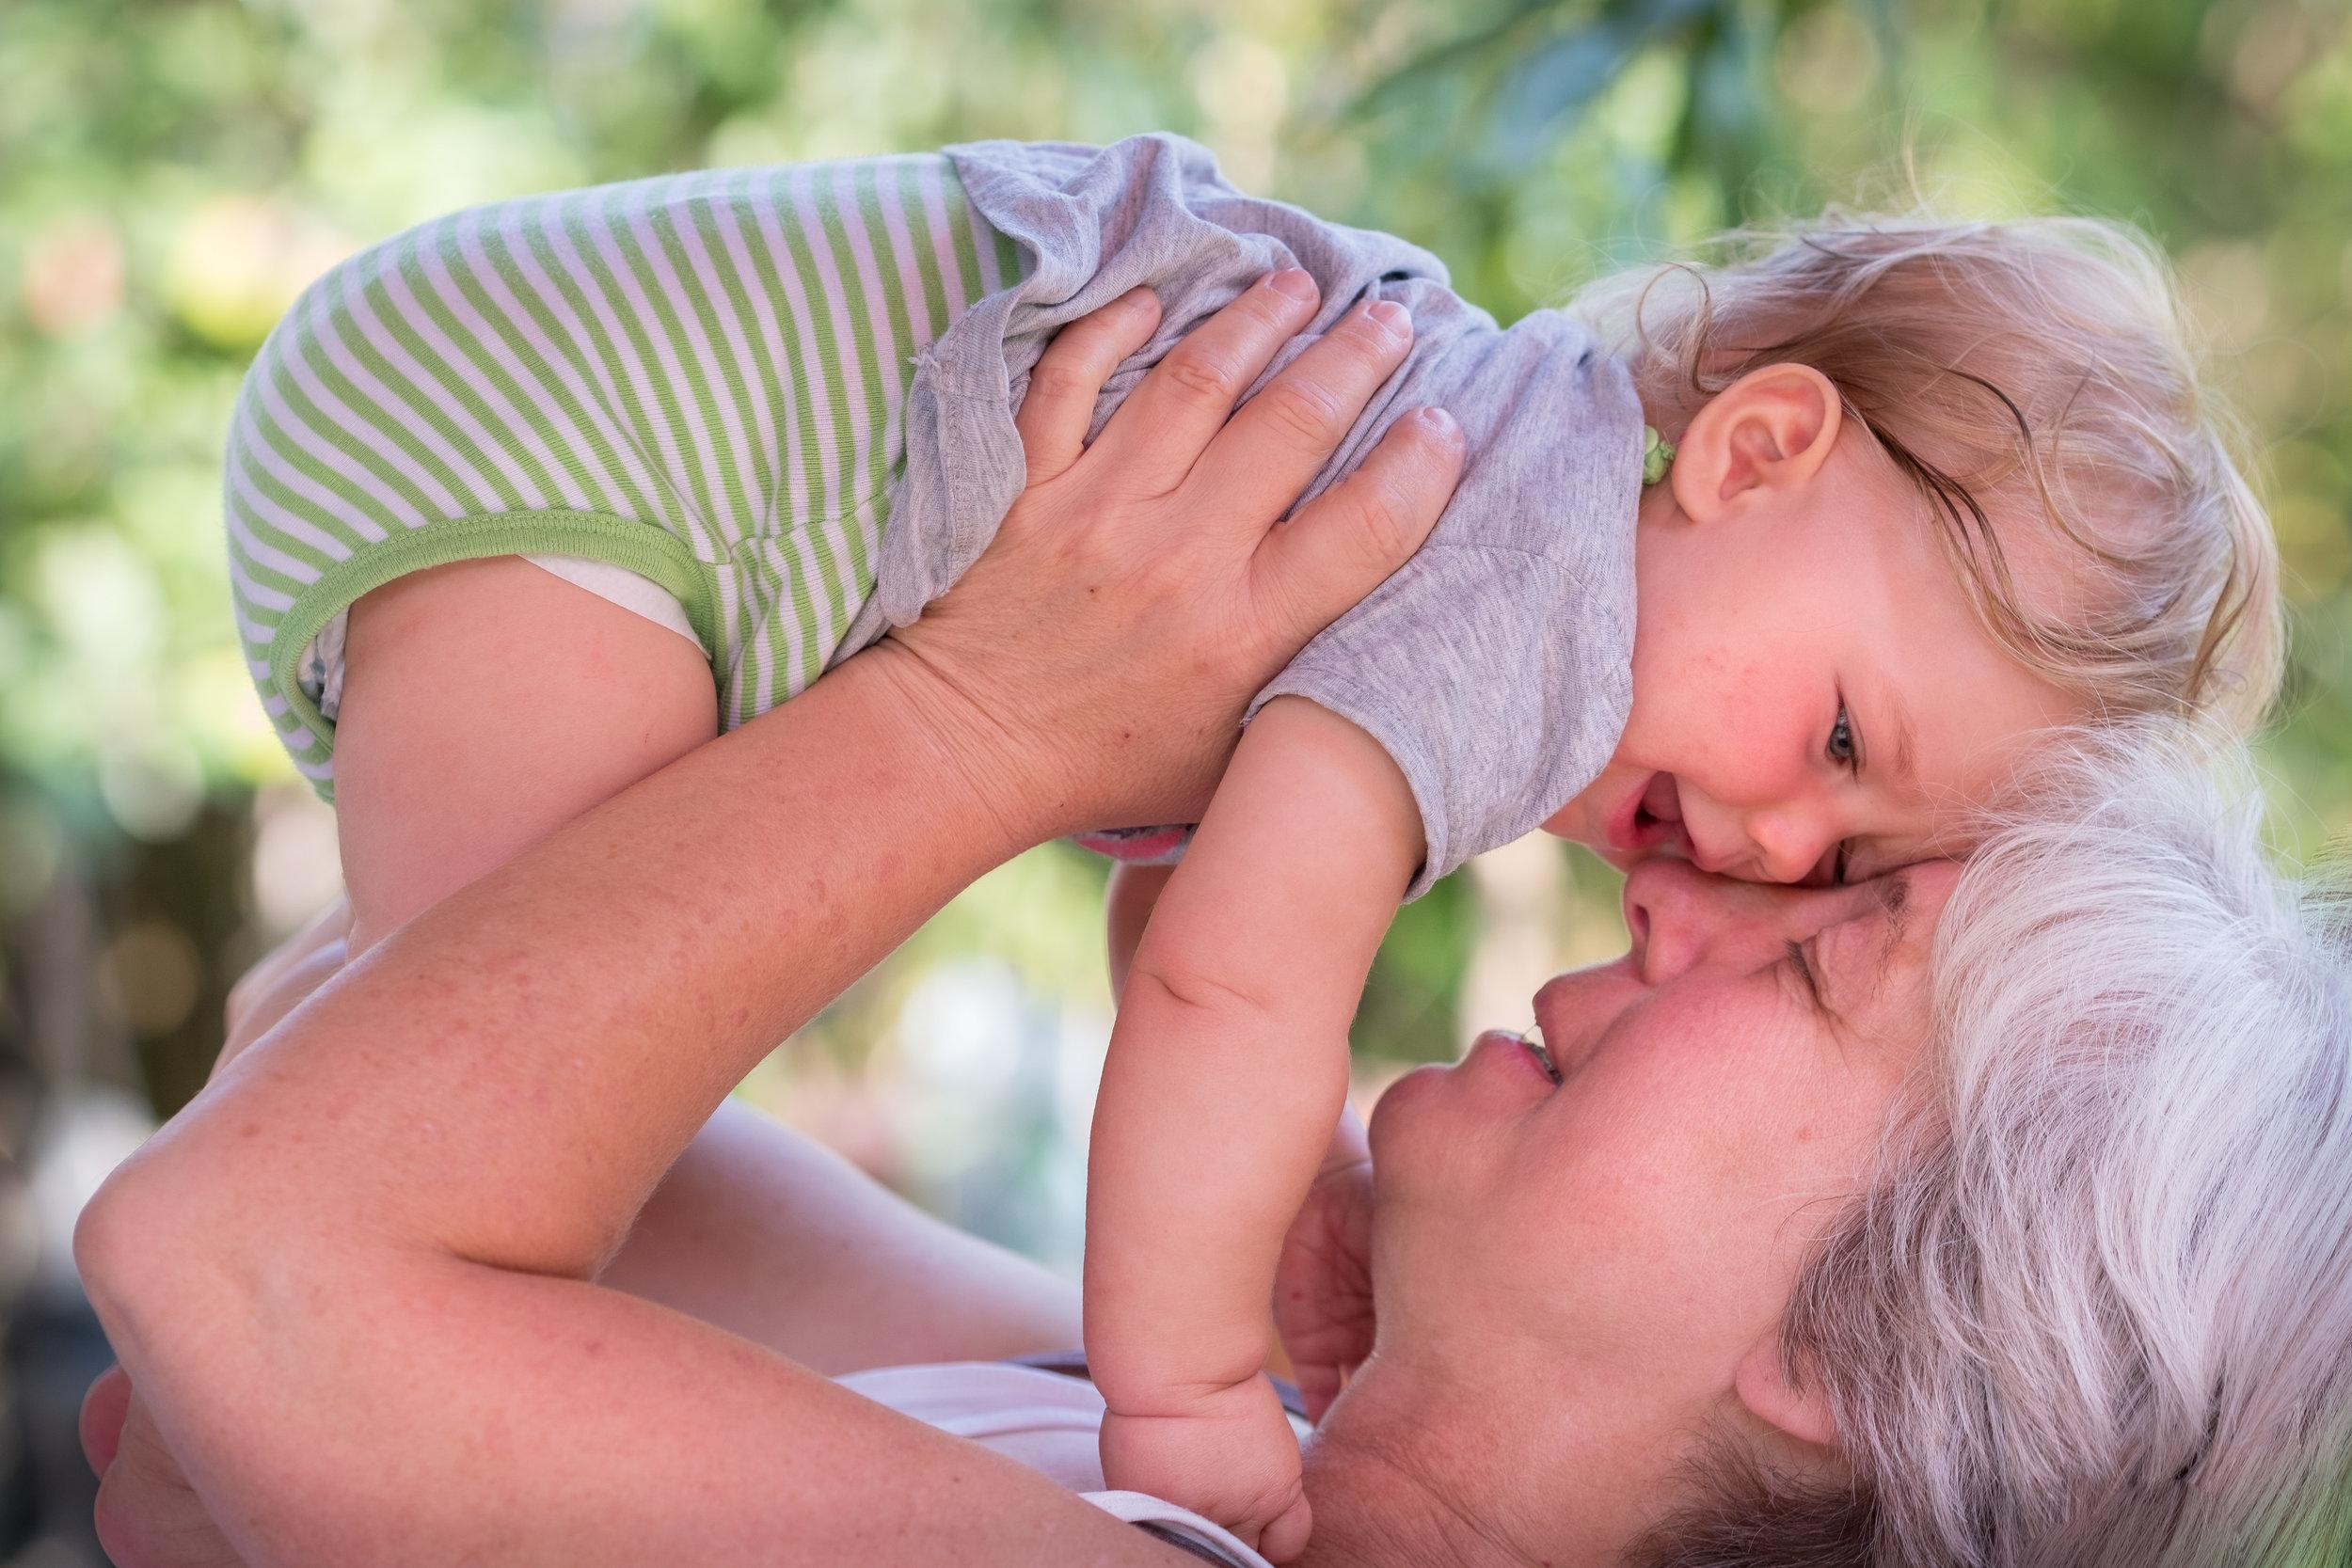 Meine Enkelin freut sich, mich zu sehen, lacht mit mir und kuschelt sich an mich – in dem Moment springt mein Herz vor Freude.